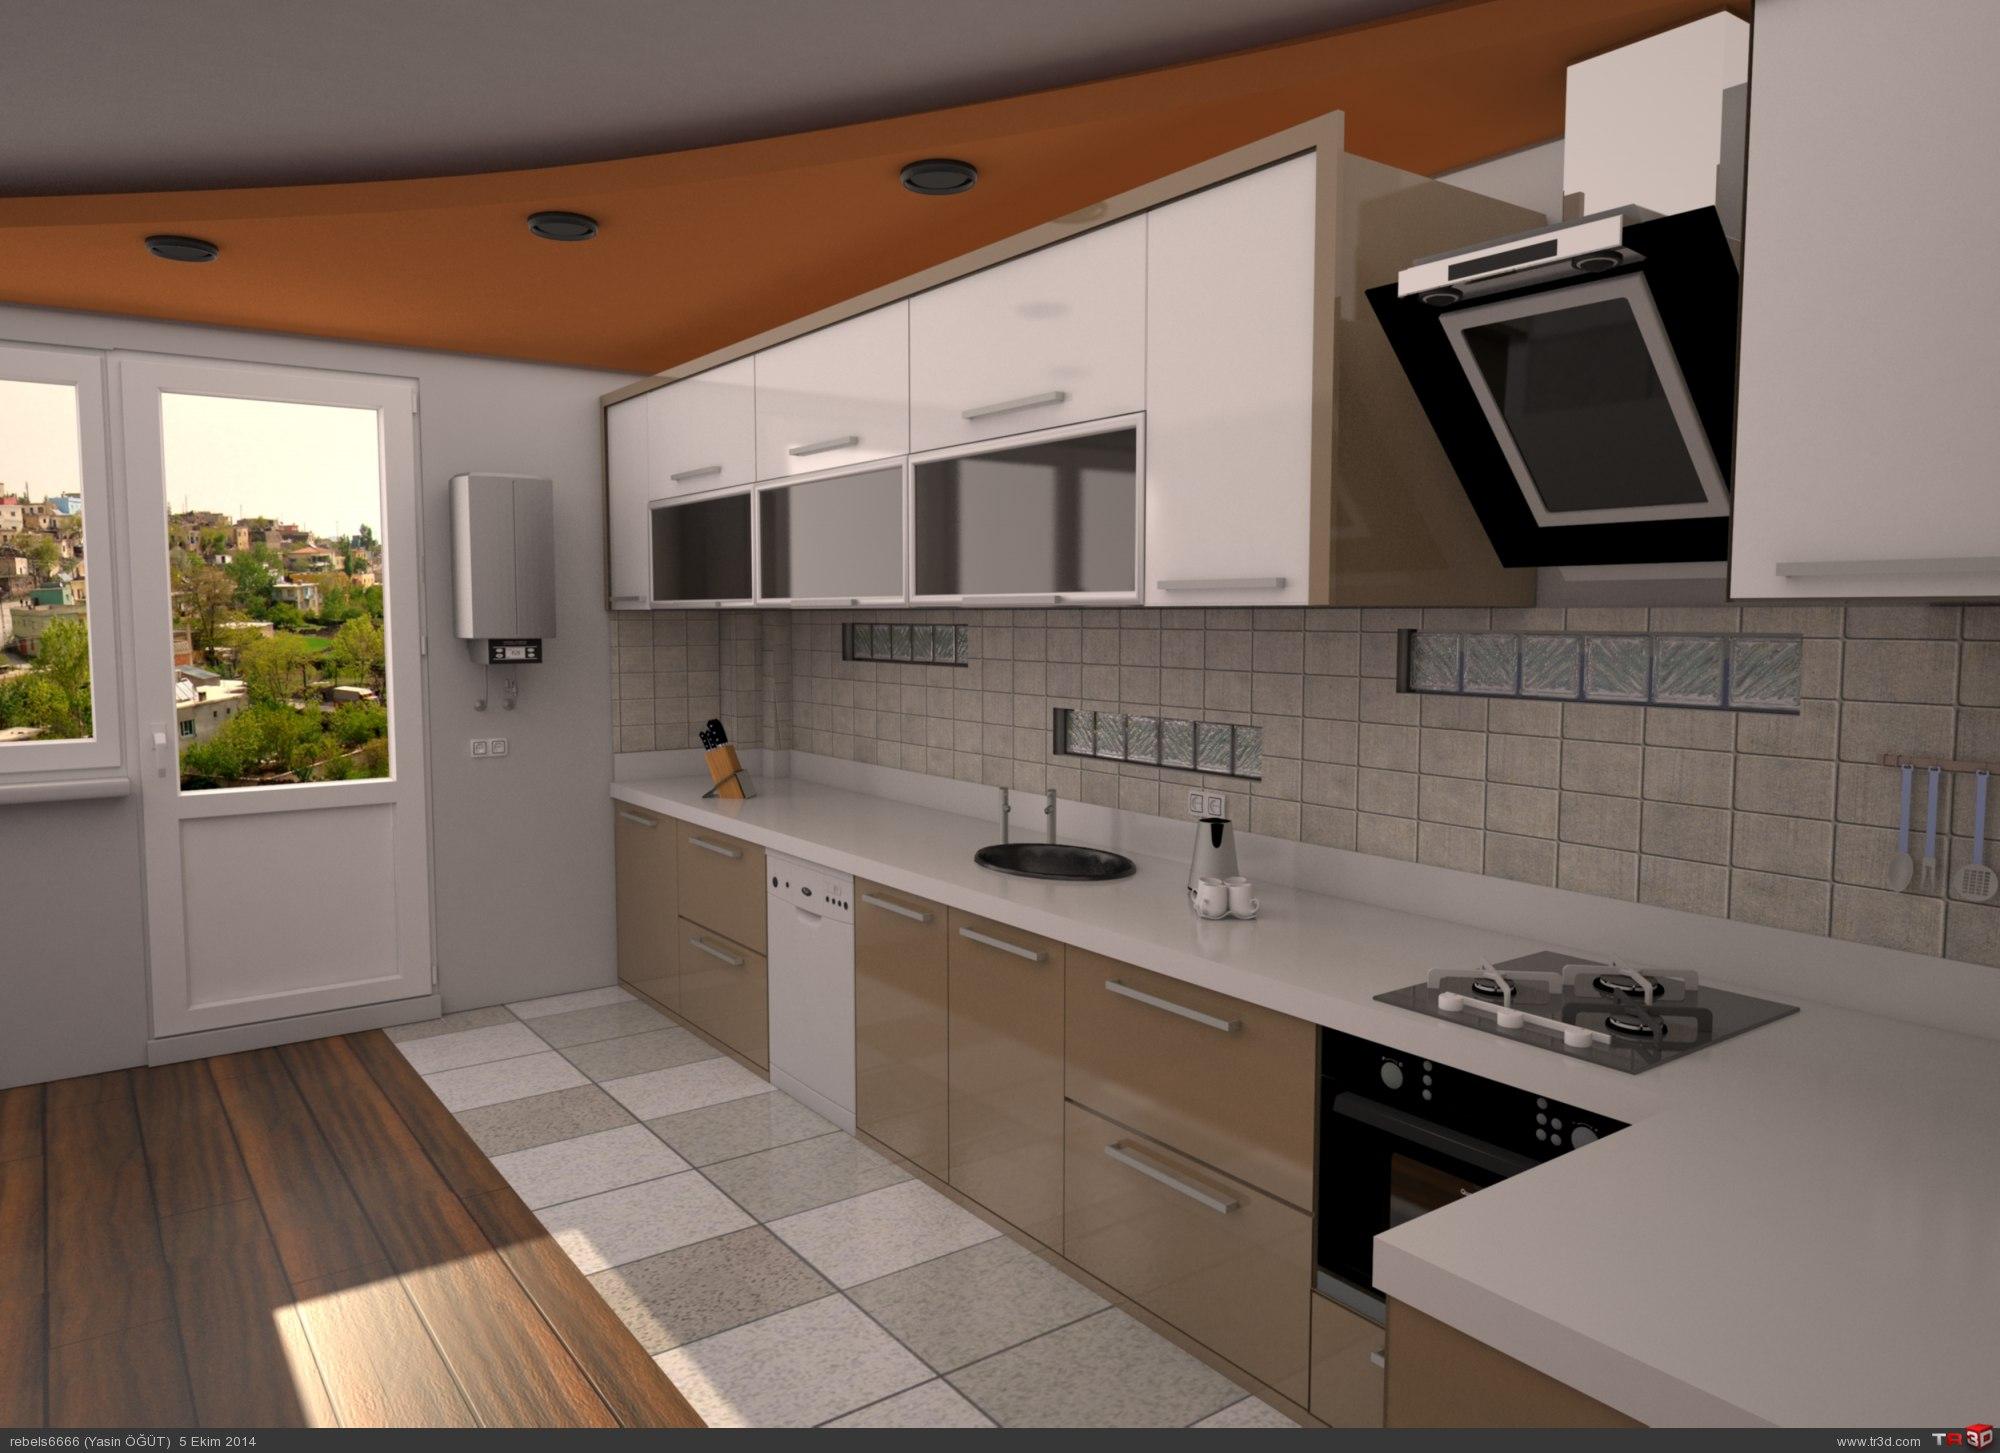 Mutfak dolabı tasarımı